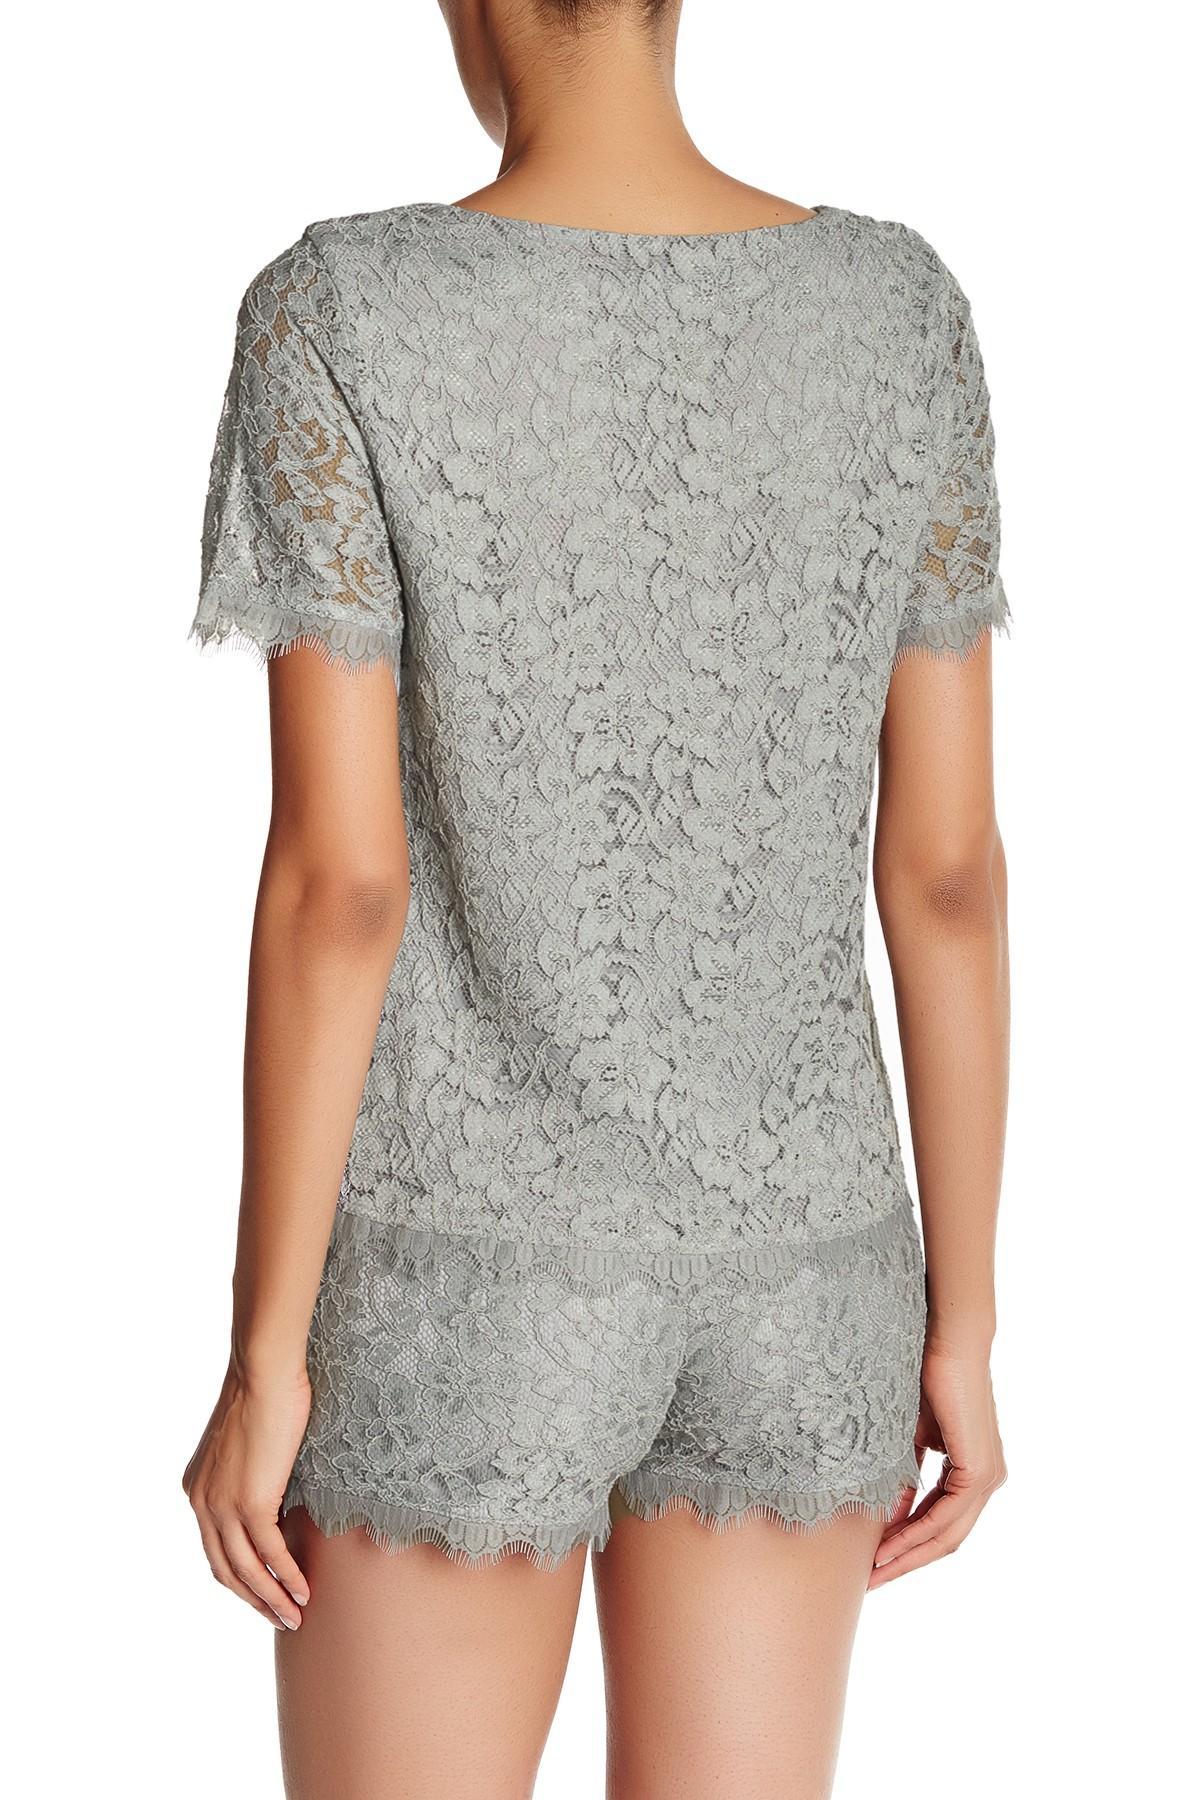 Lyst diane von furstenberg brylee lace shirt in gray for Diane von furstenberg shirt